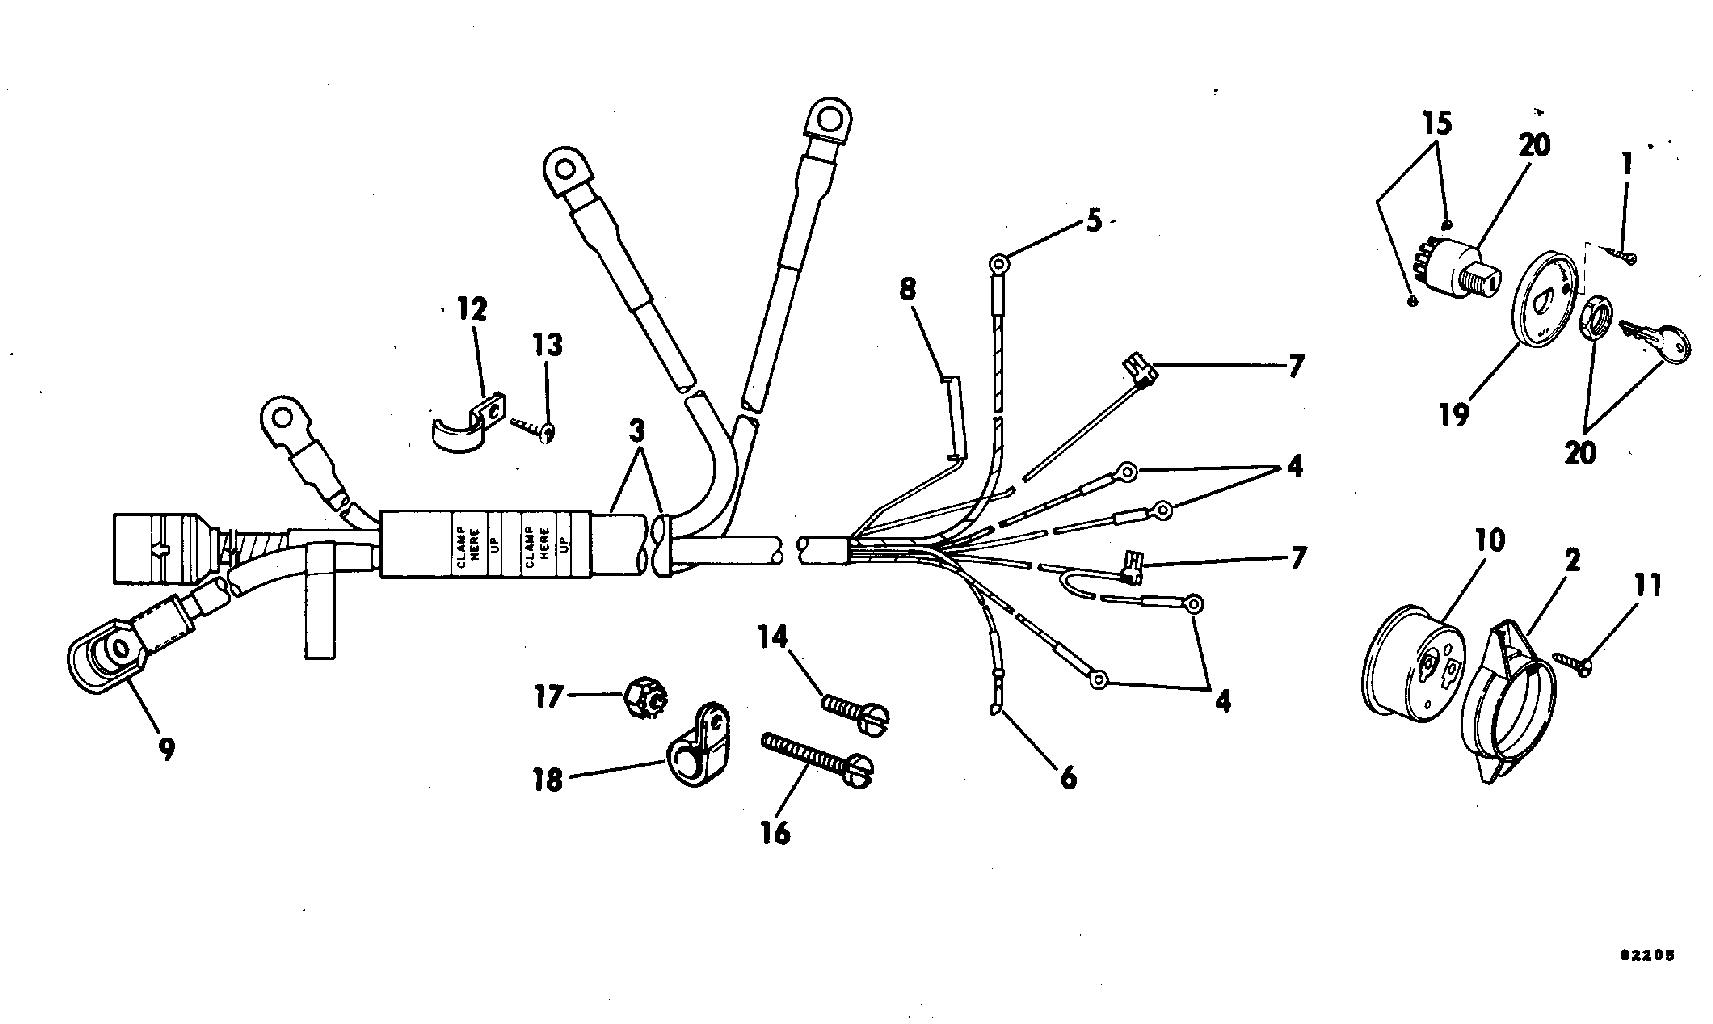 1978 evinrude wiring diagram